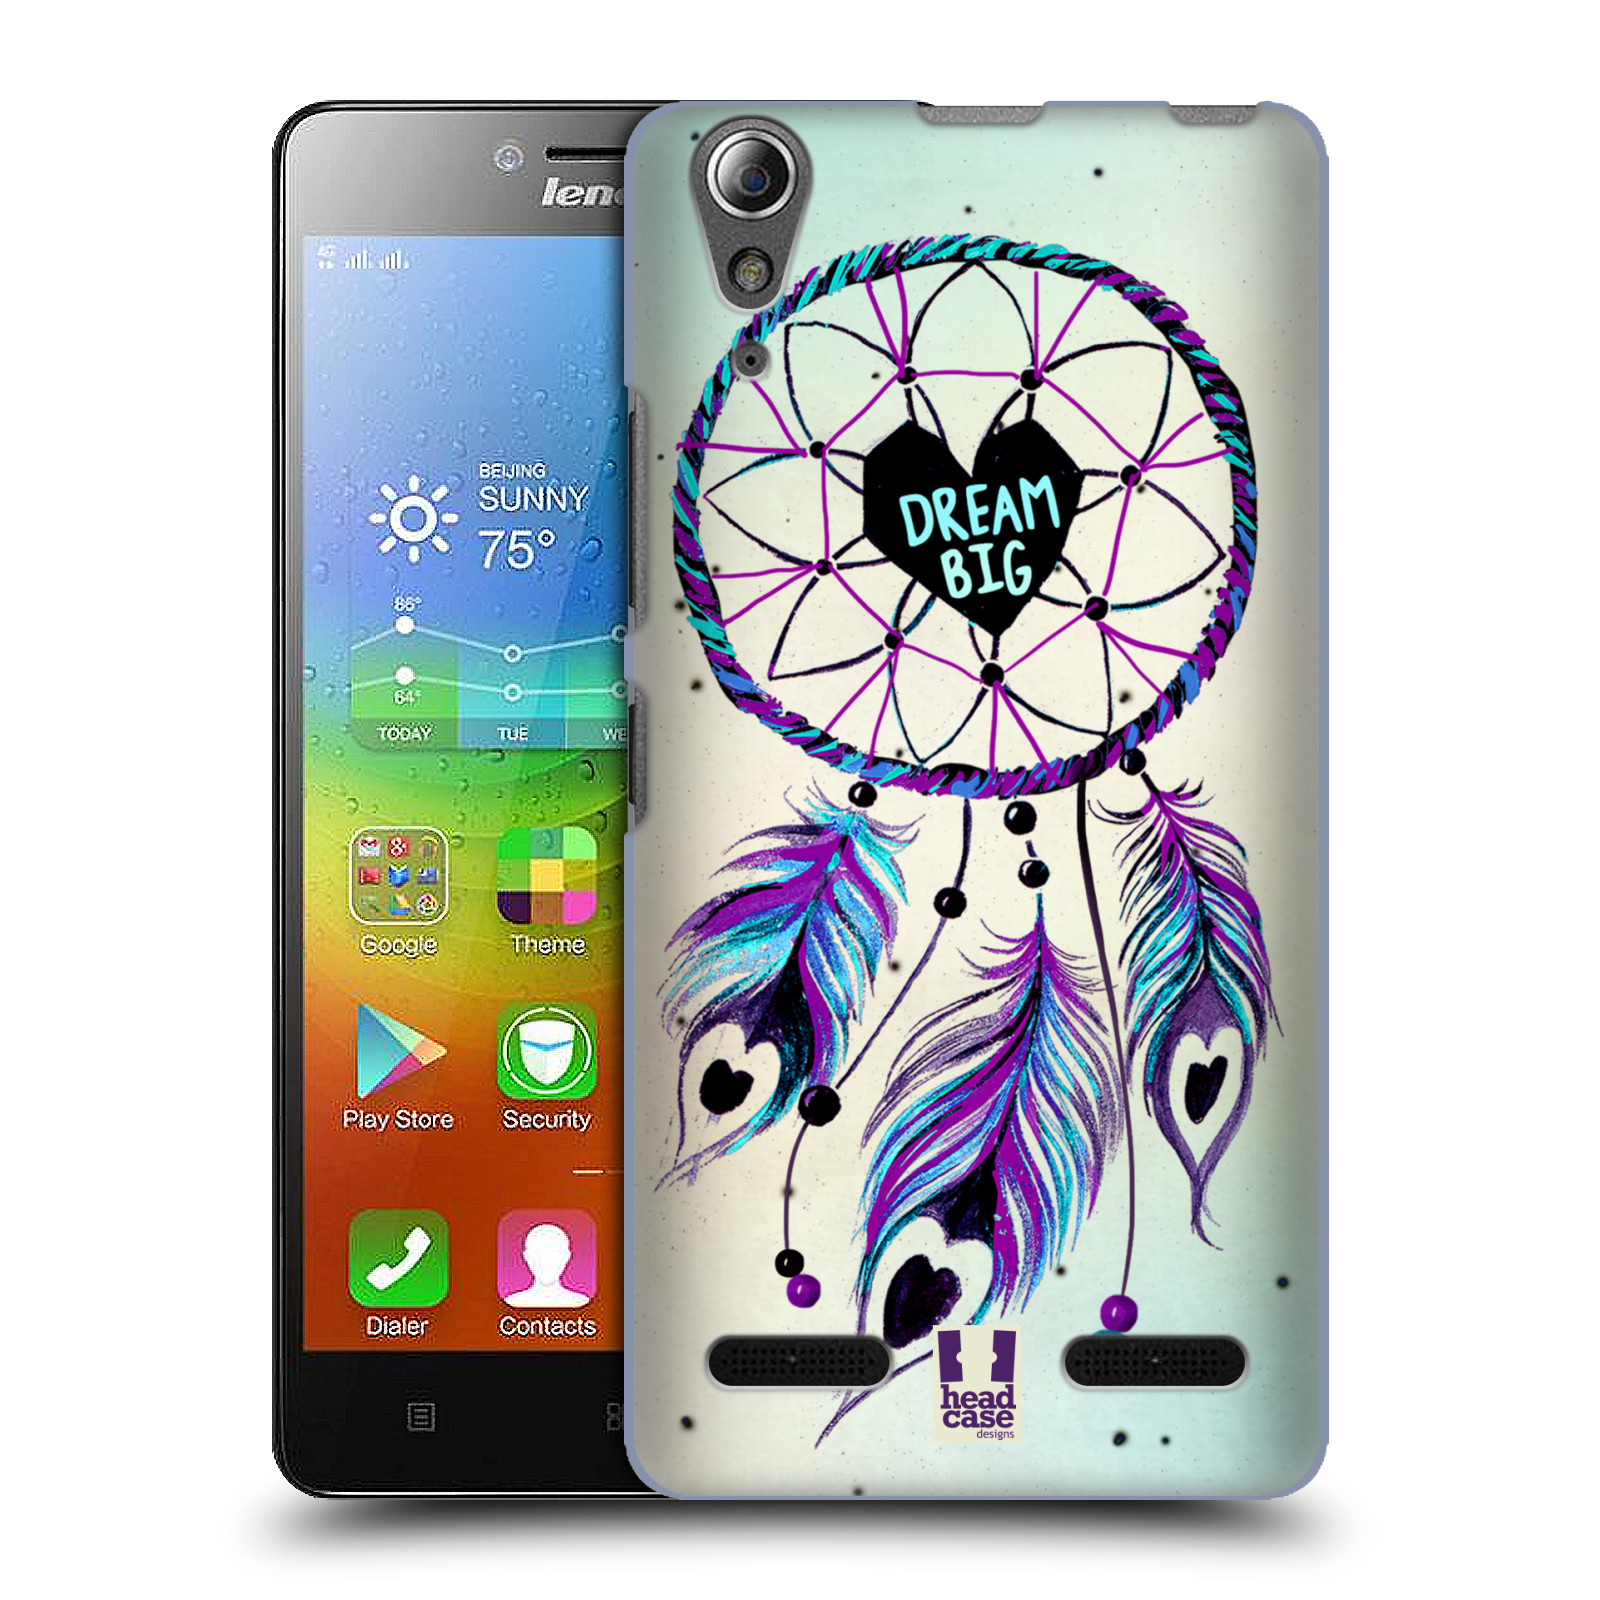 Plastové pouzdro na mobil Lenovo A6000 HEAD CASE Lapač Assorted Dream Big Srdce